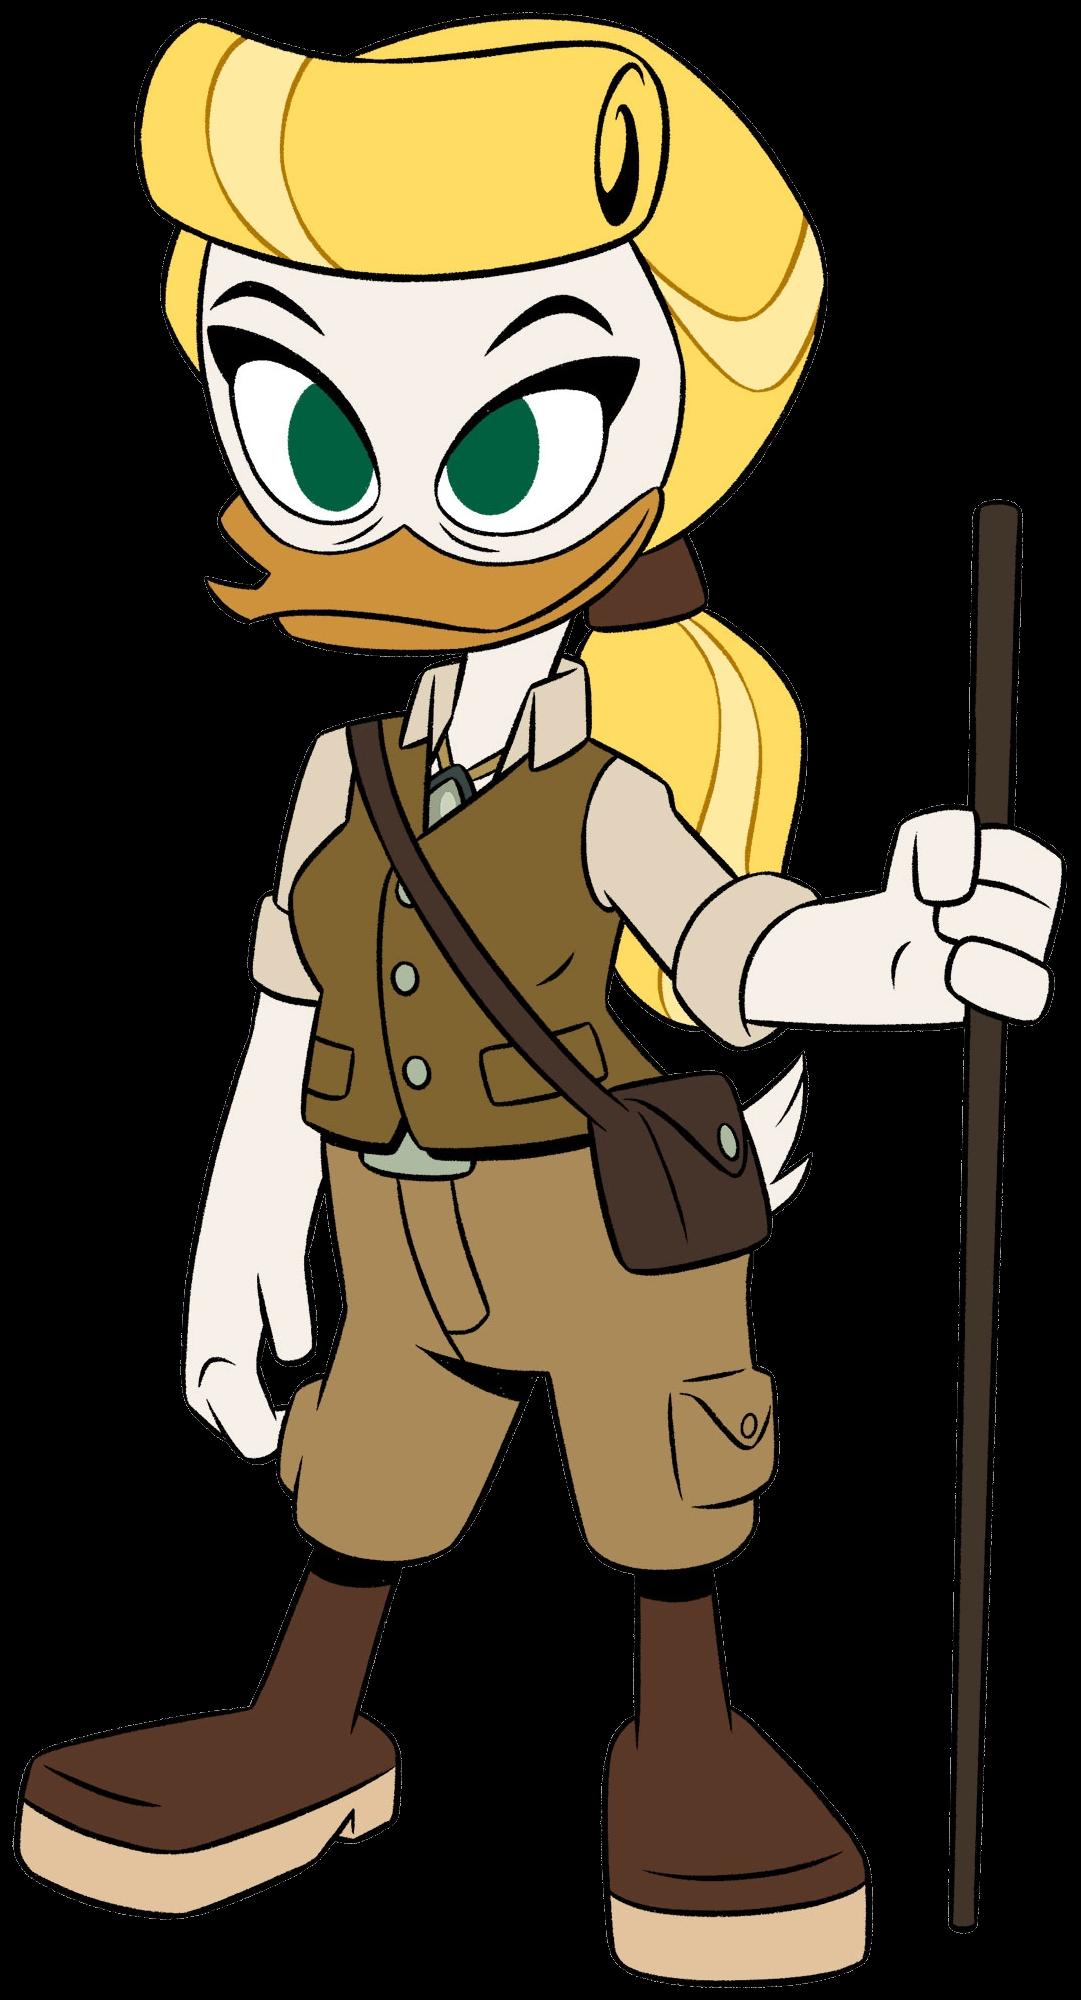 Goldie O'Gilt (DuckTales 2017)